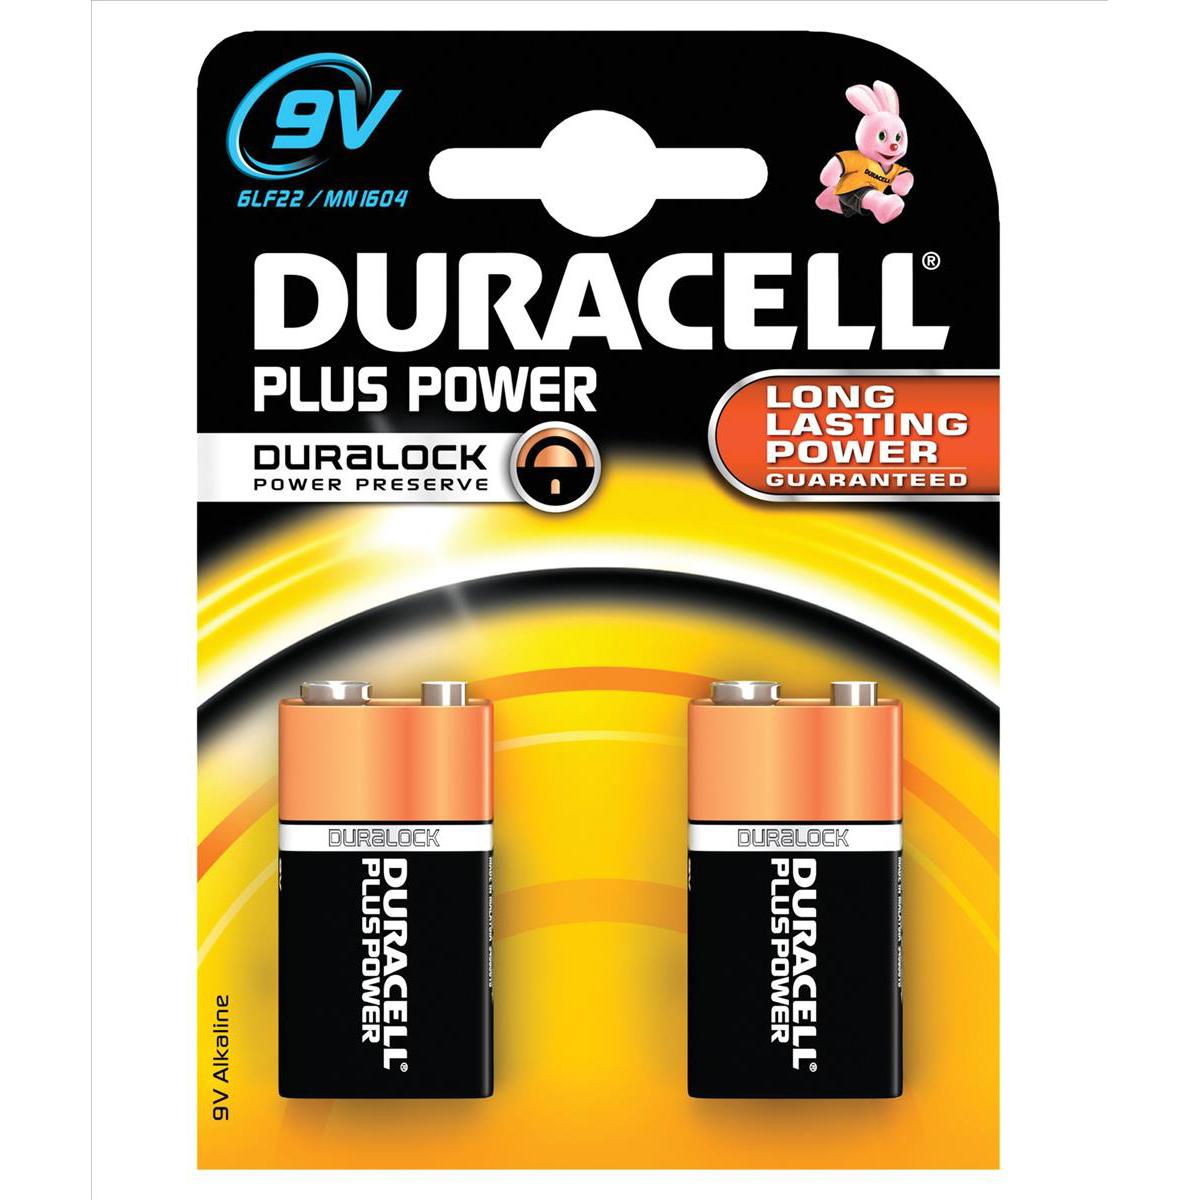 Duracell Plus Power MN1604 Battery Alkaline 9V Ref 81275459 Pack 2